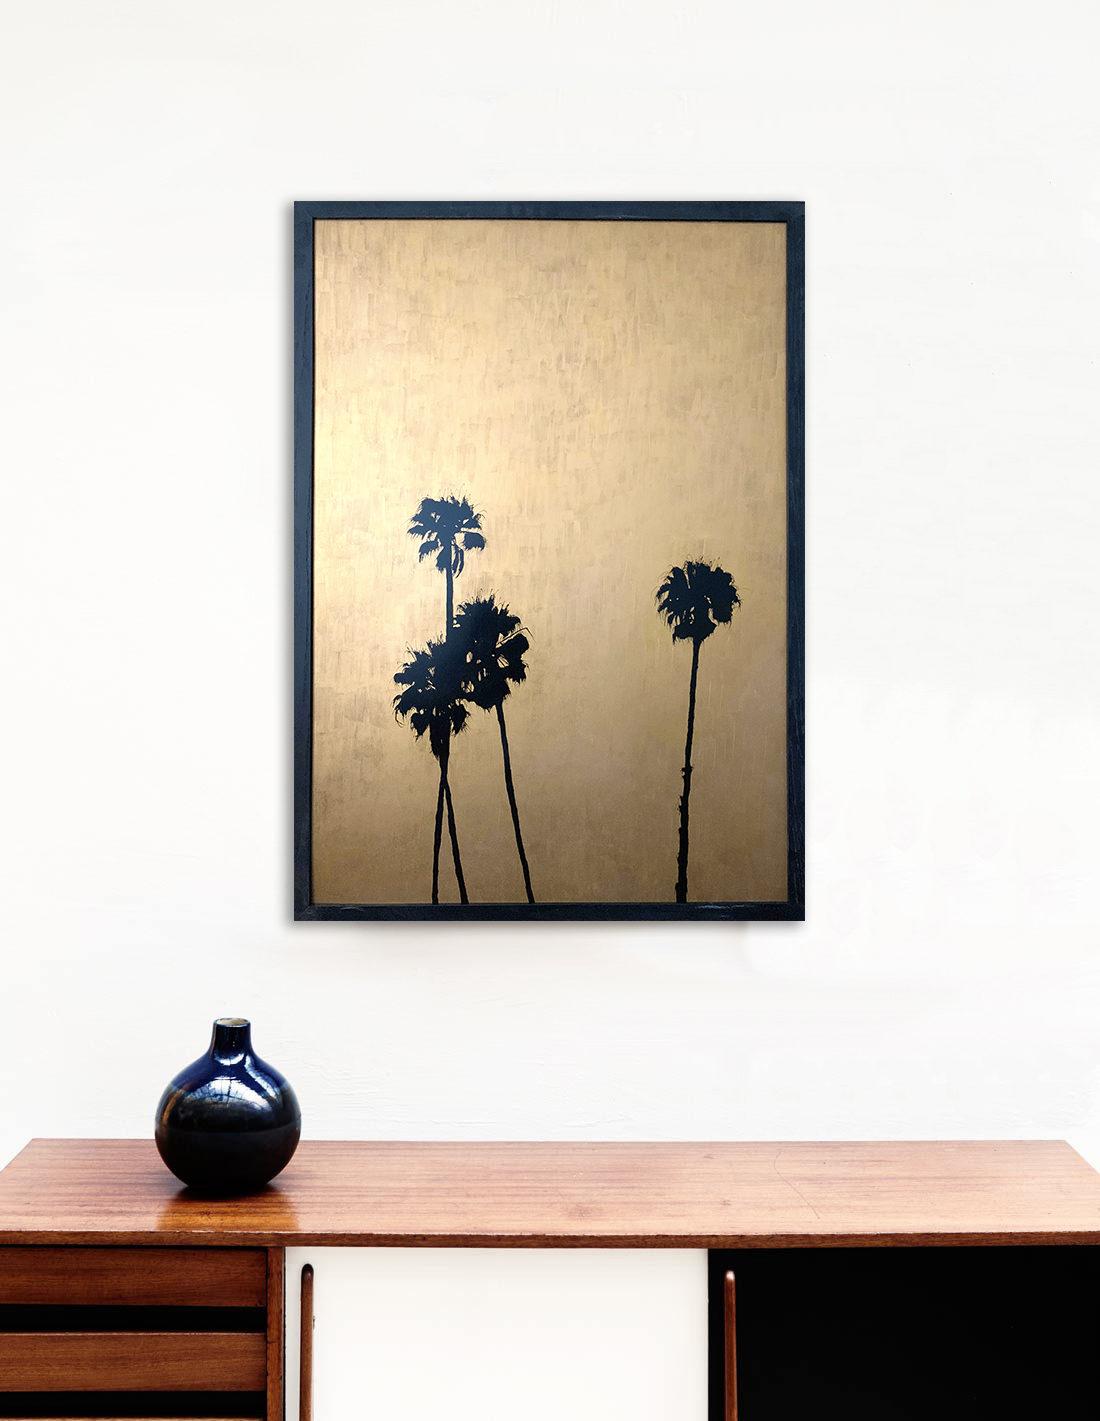 Giant palmtrees II - Tableau- Hubert Jouzeau